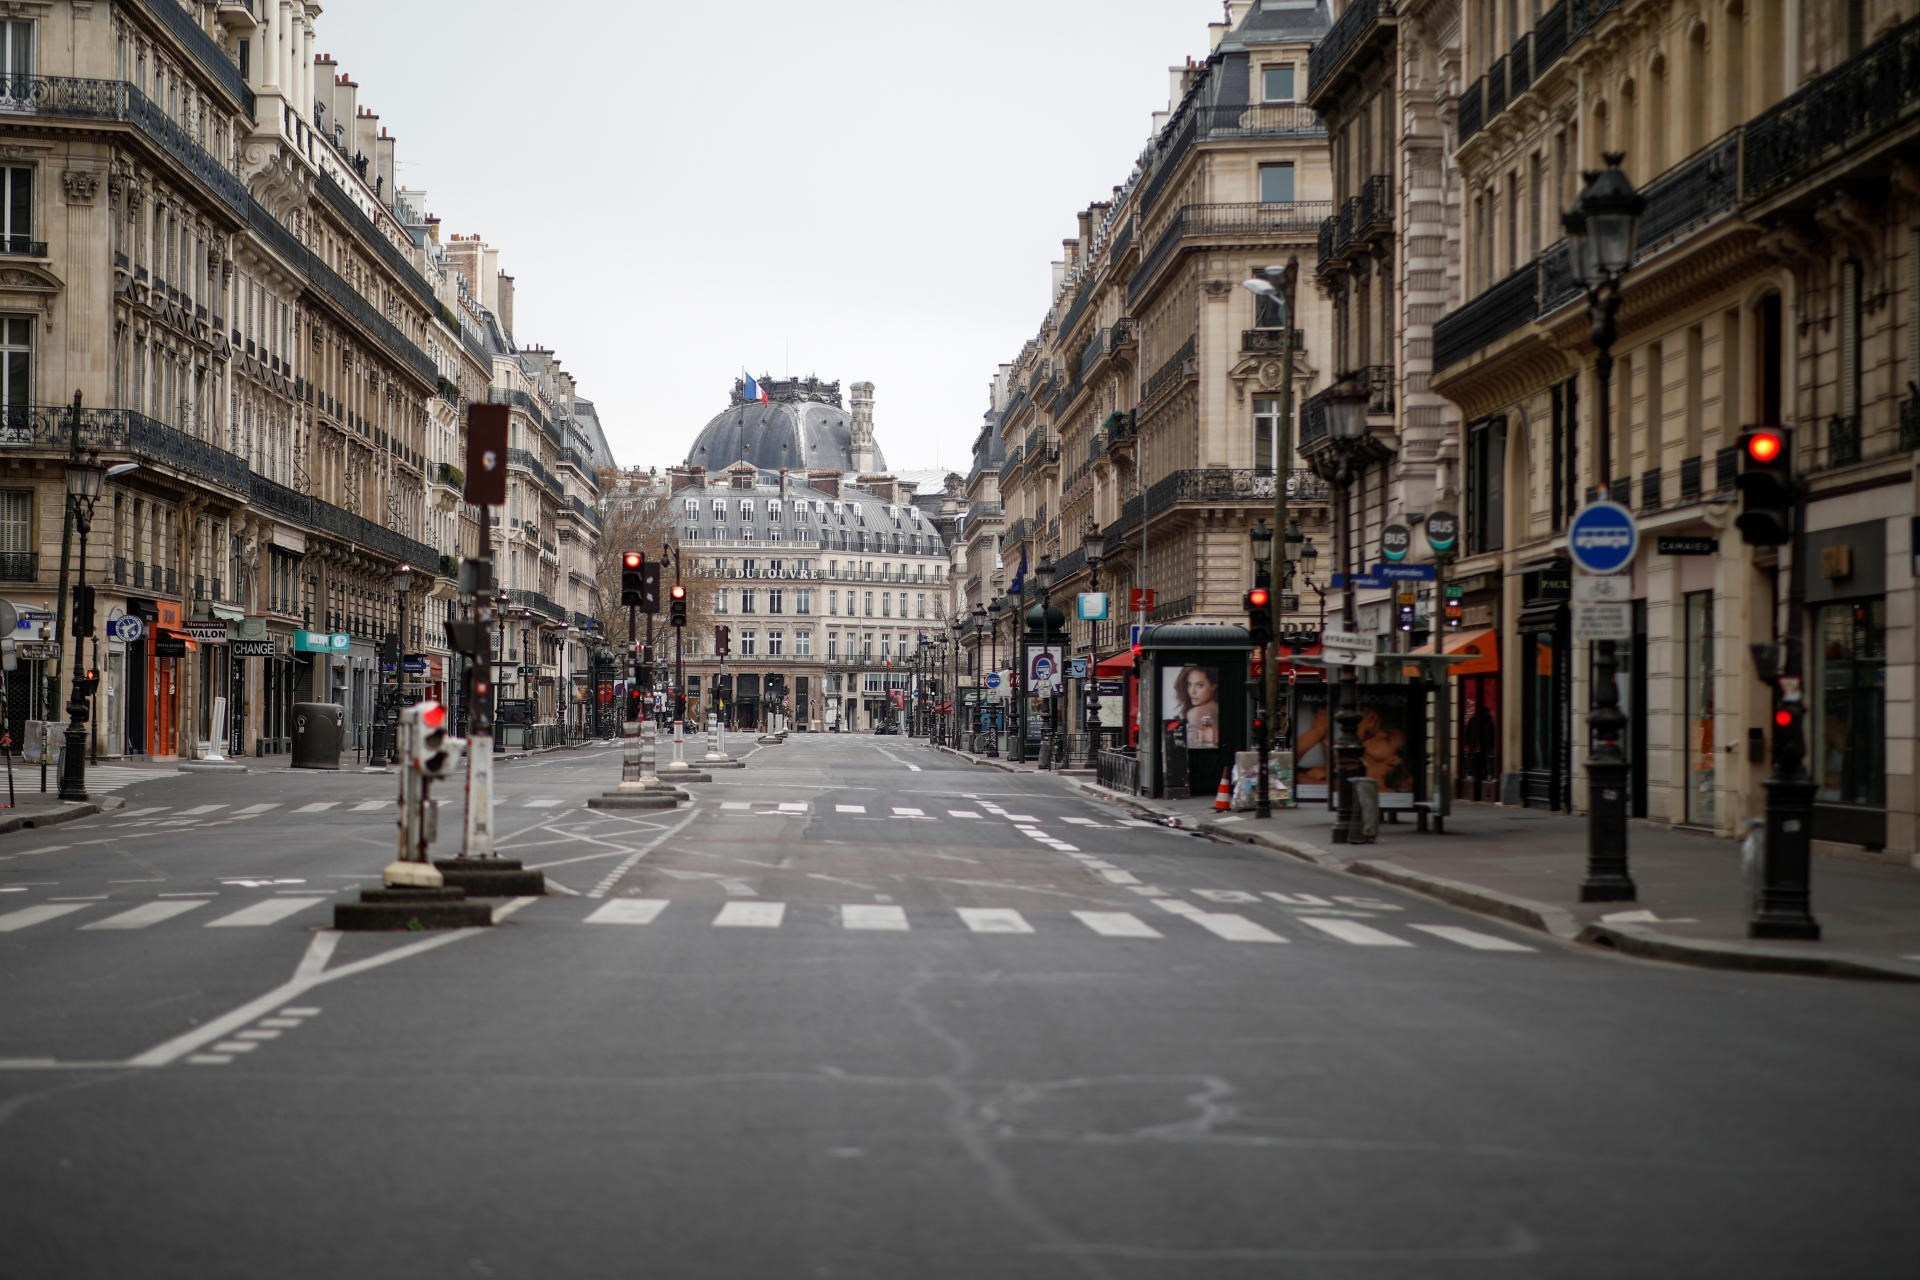 باريس وضواحيها و8 مدن كبرى تستعد لحظر تجول يبدأ منتصف هذه الليلة